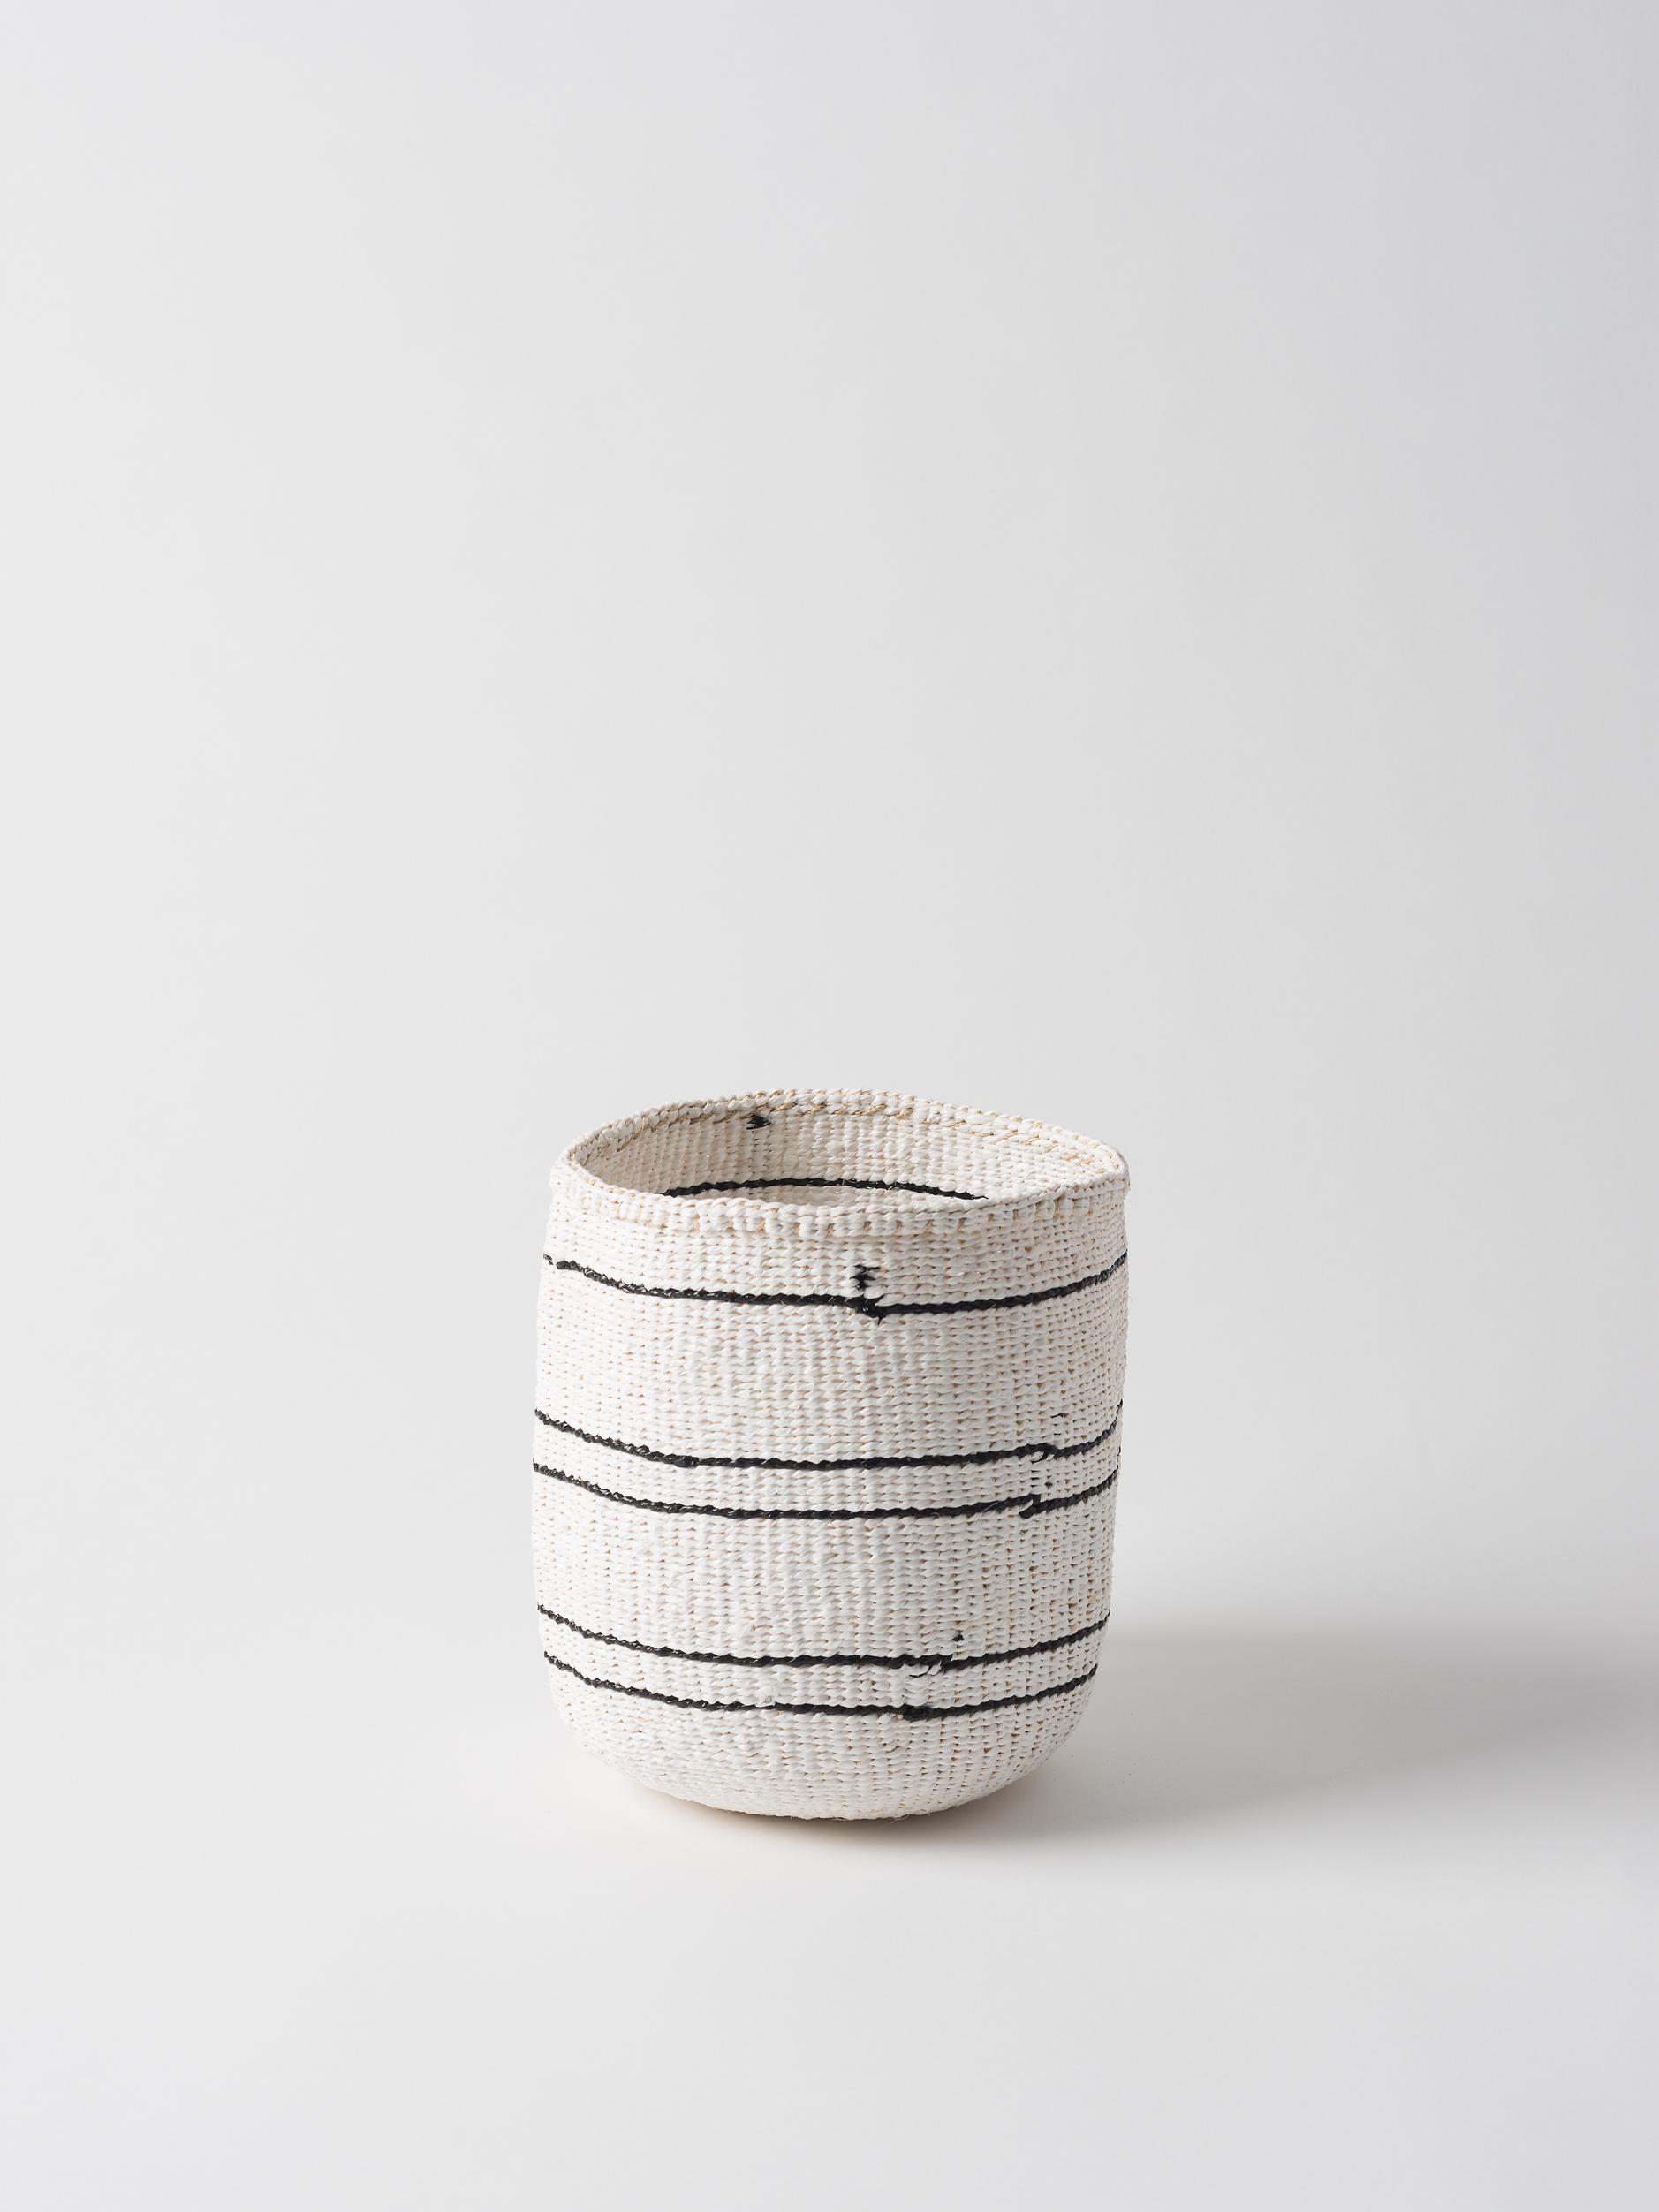 Kiondo 5 Stripe Basket $99.90